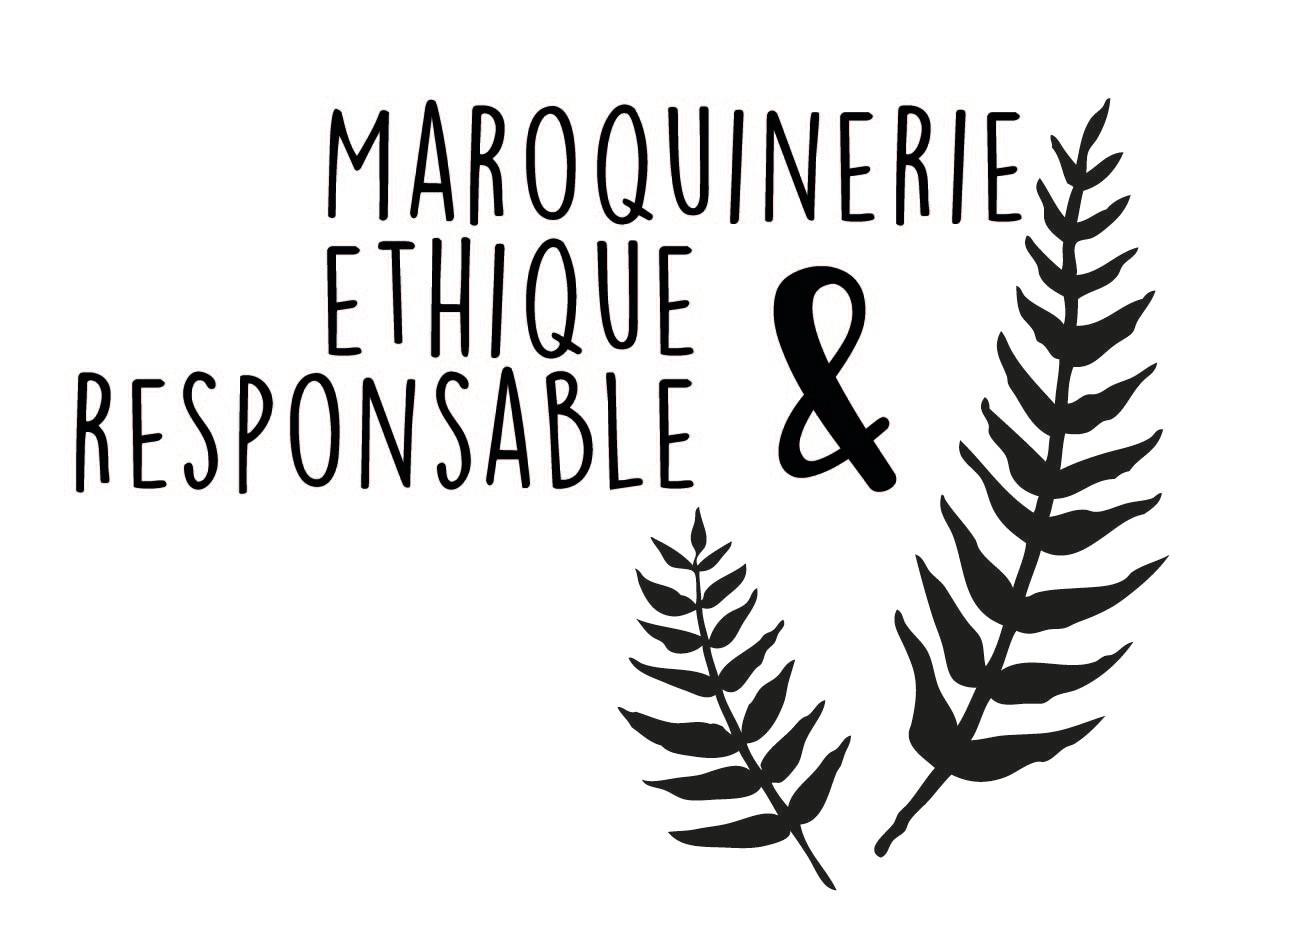 maroquinerieethique et responsable